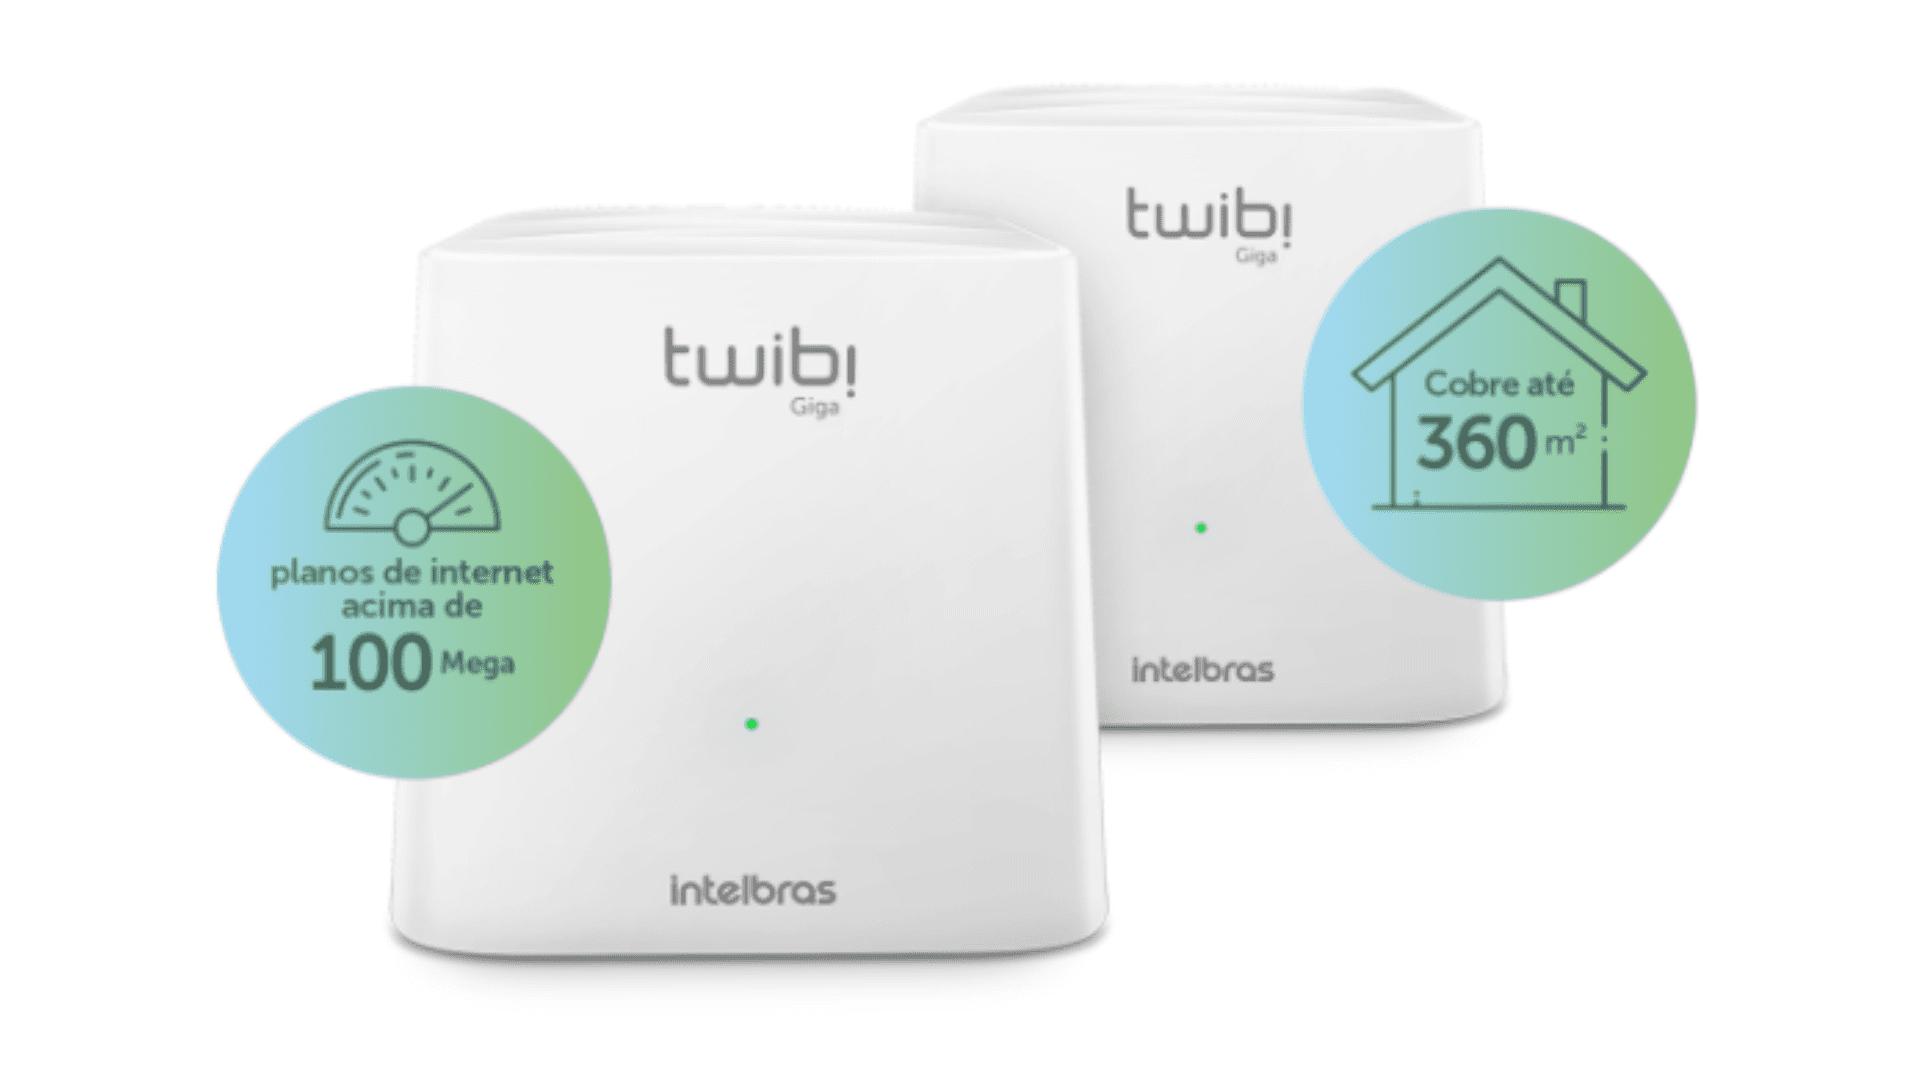 Dois modelos do Roteador Mesh Intelbras Twibi Giga em fundo branco